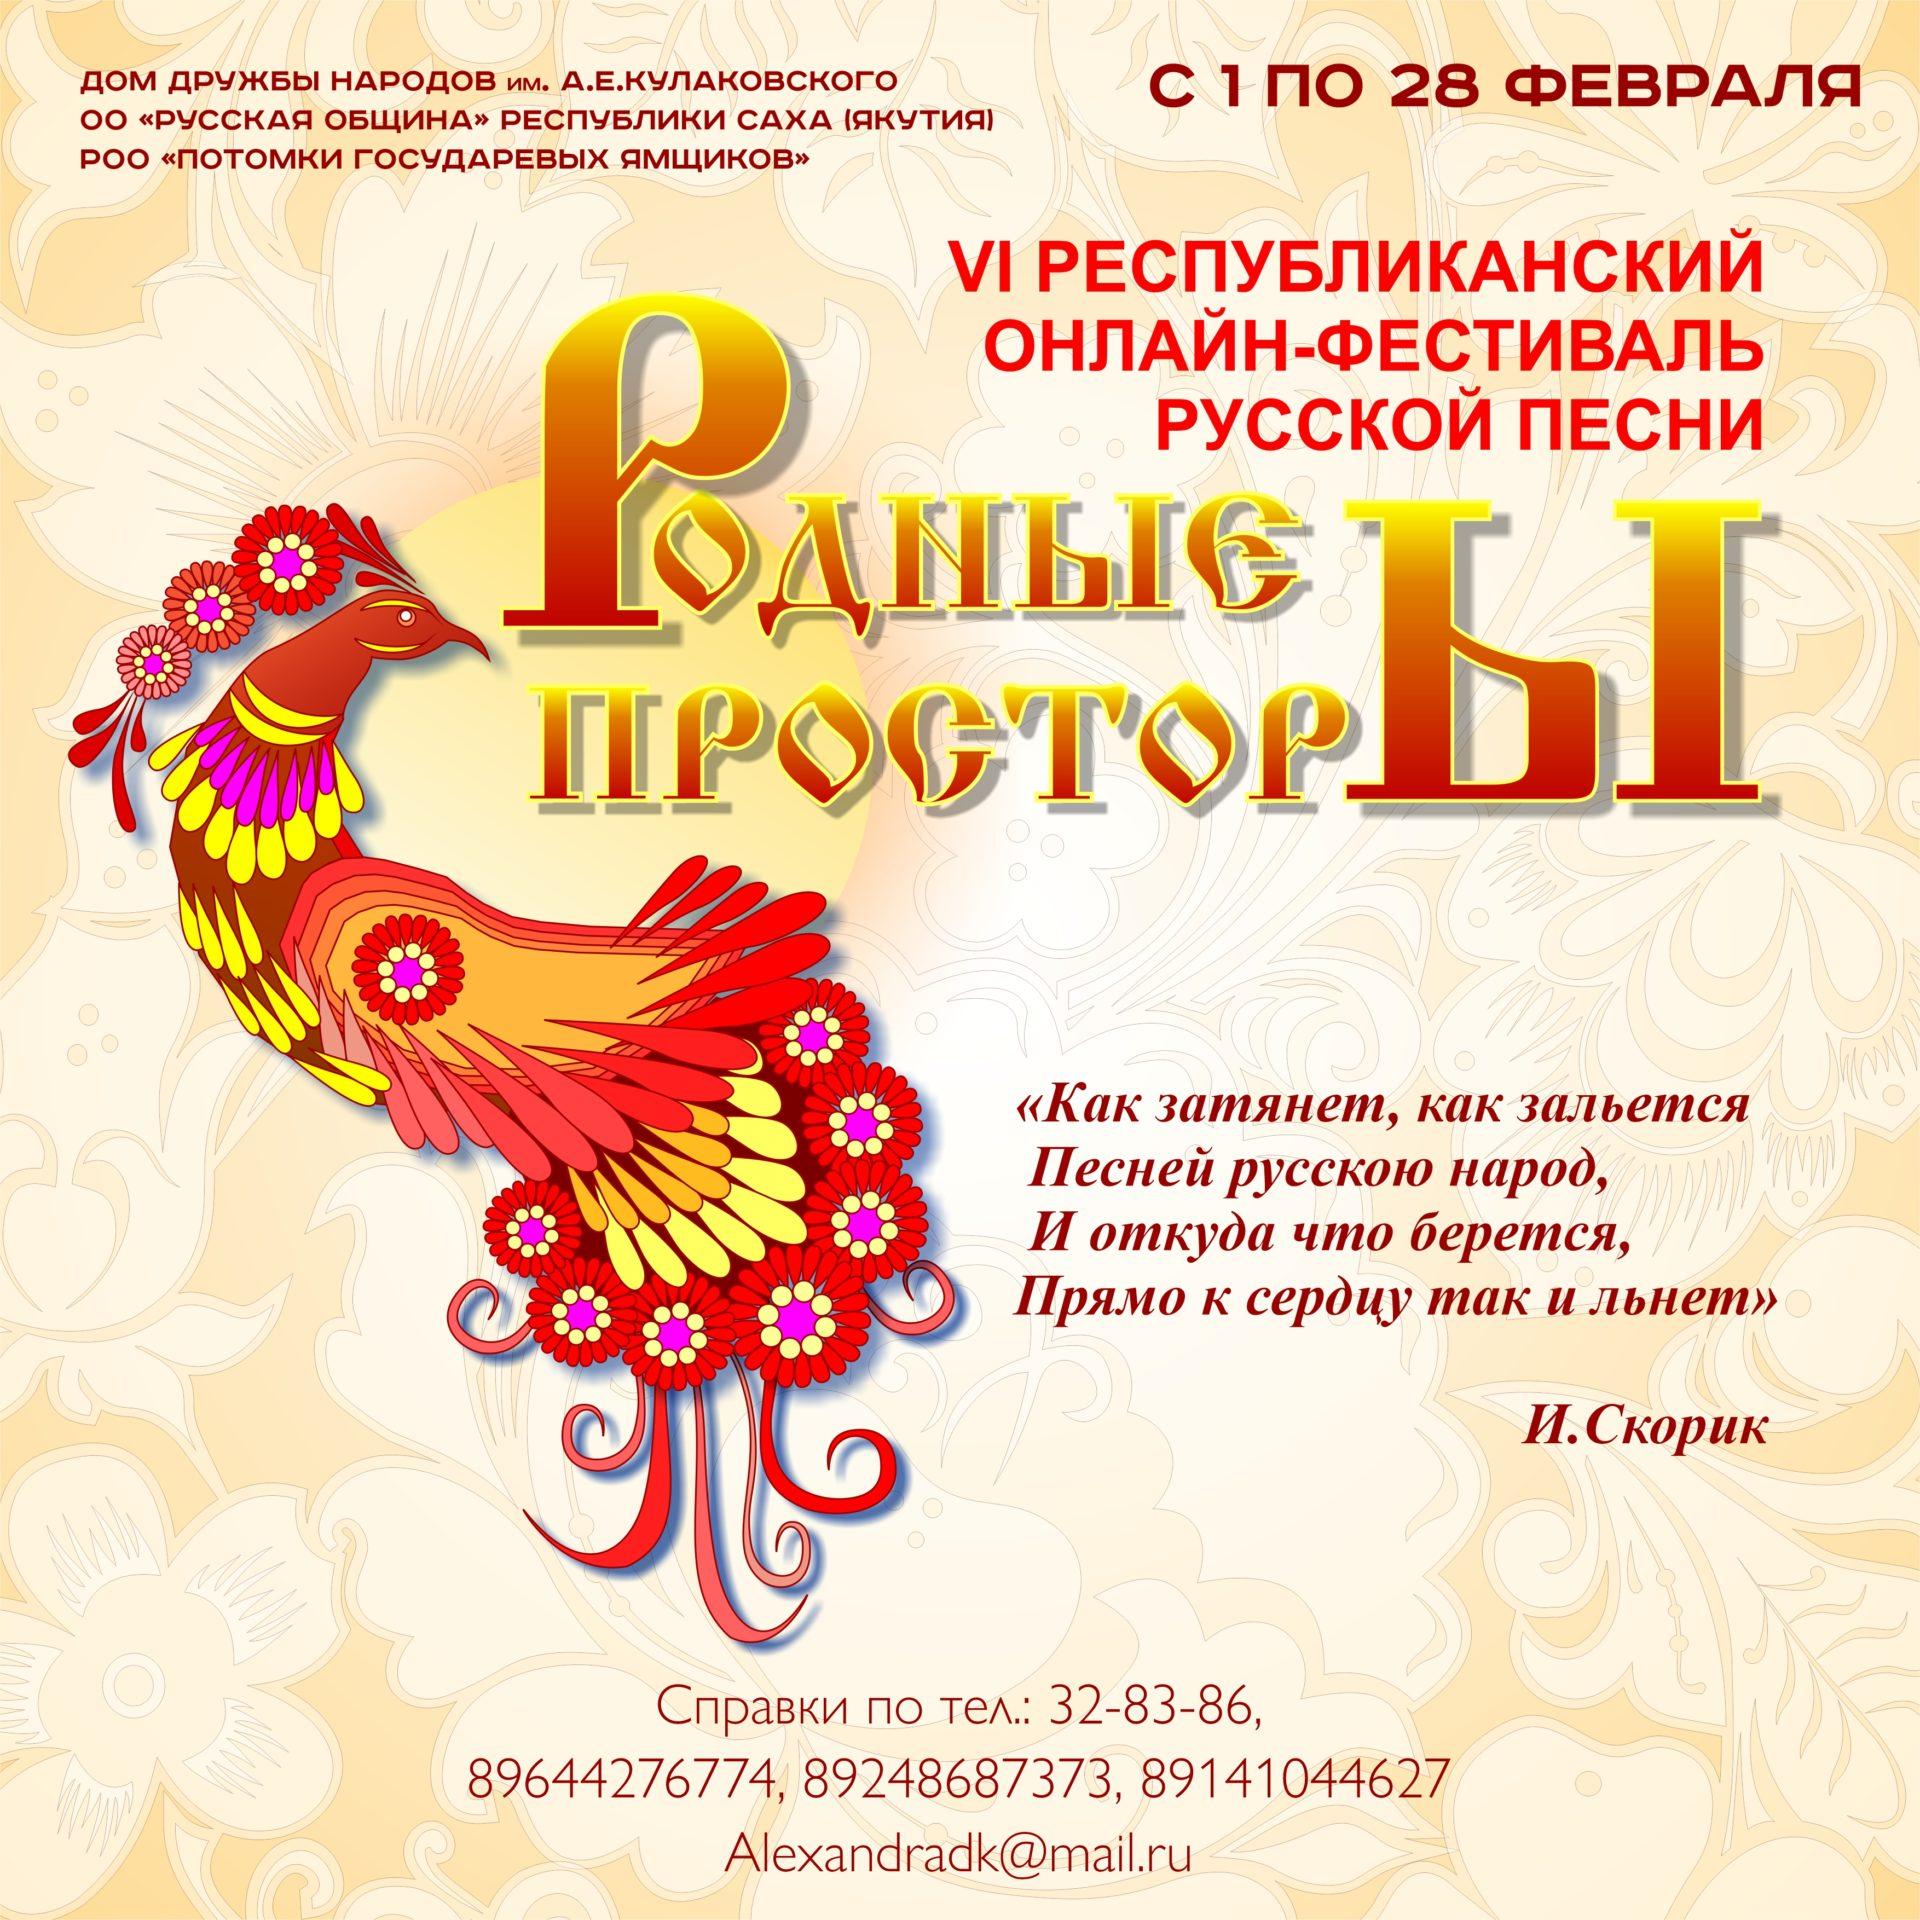 VI Республиканский онлайн-фестиваль русской песни «РОДНЫЕ ПРОСТОРЫ-2021»